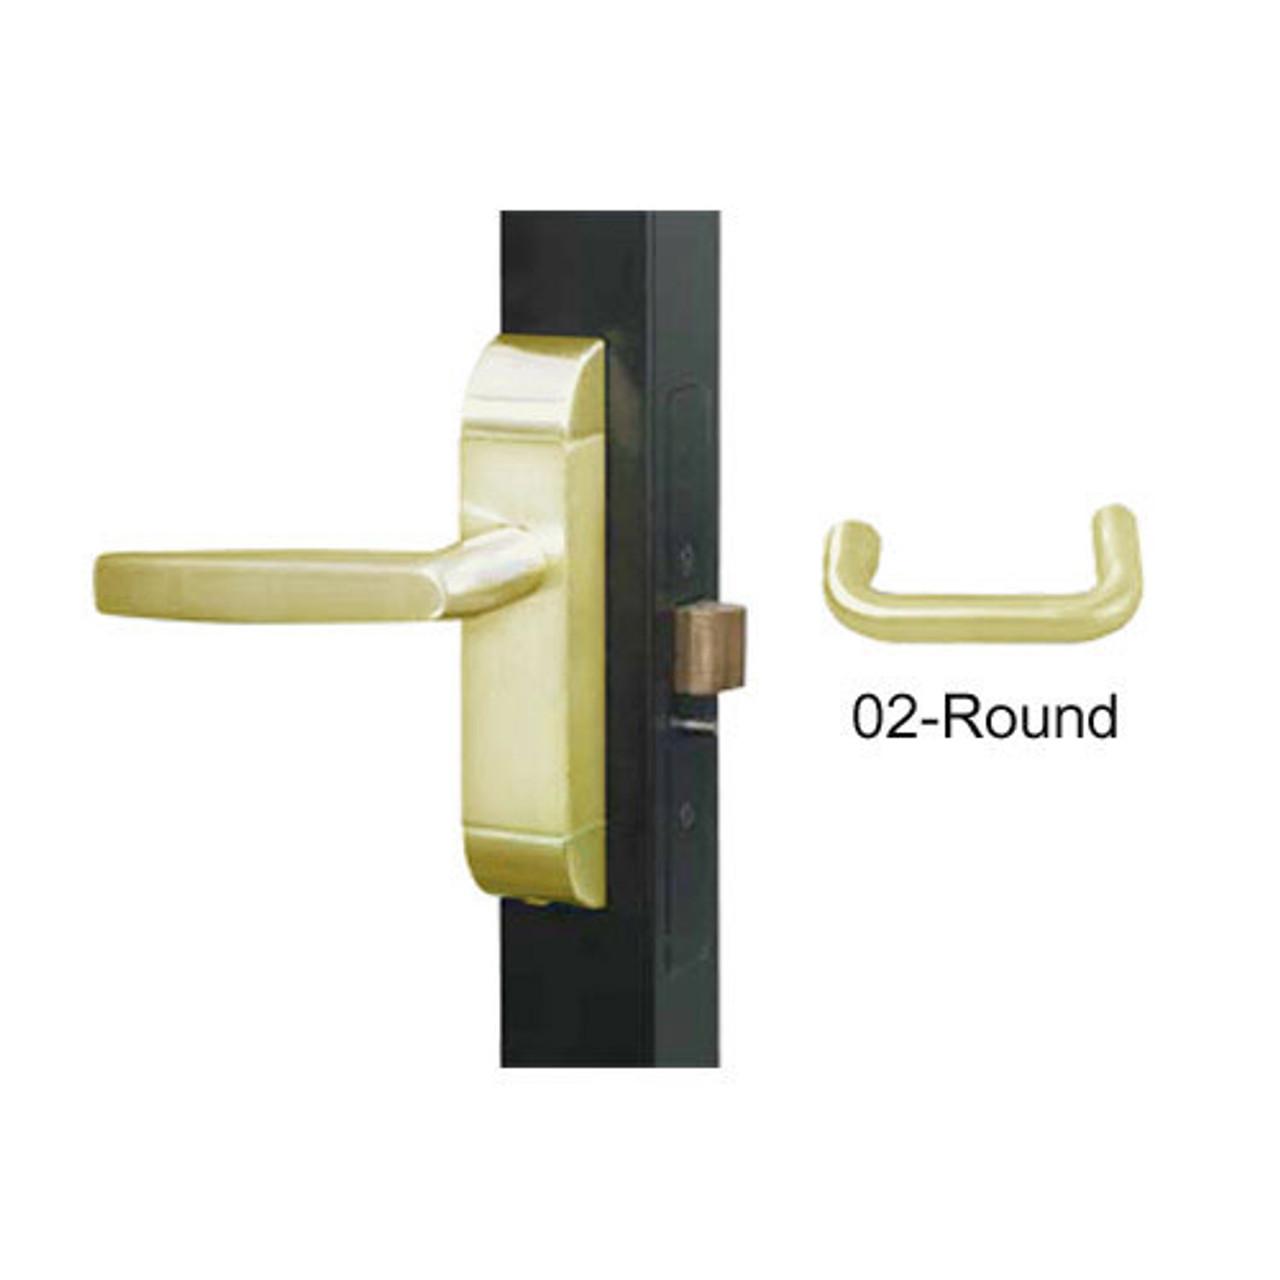 4600-02-532-US4 Adams Rite Heavy Duty Round Deadlatch Handles in Satin Brass Finish